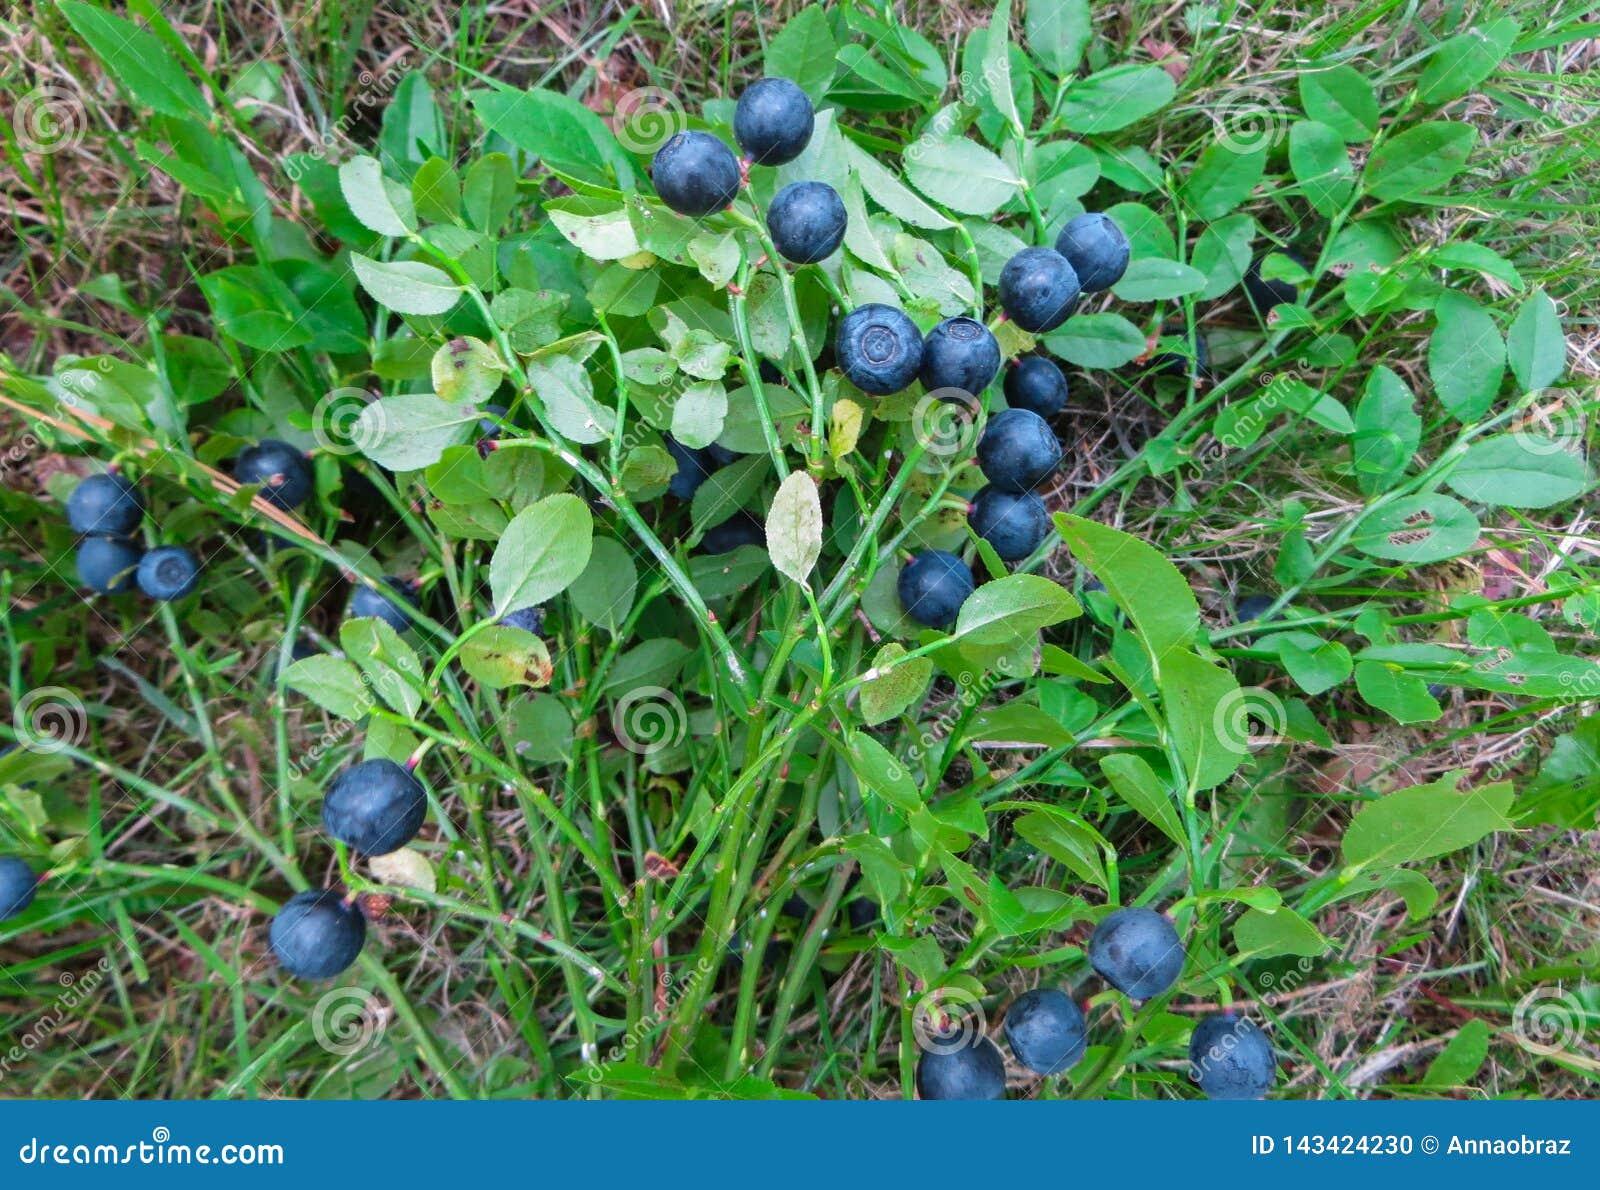 森林蓝莓的枝杈花束用莓果